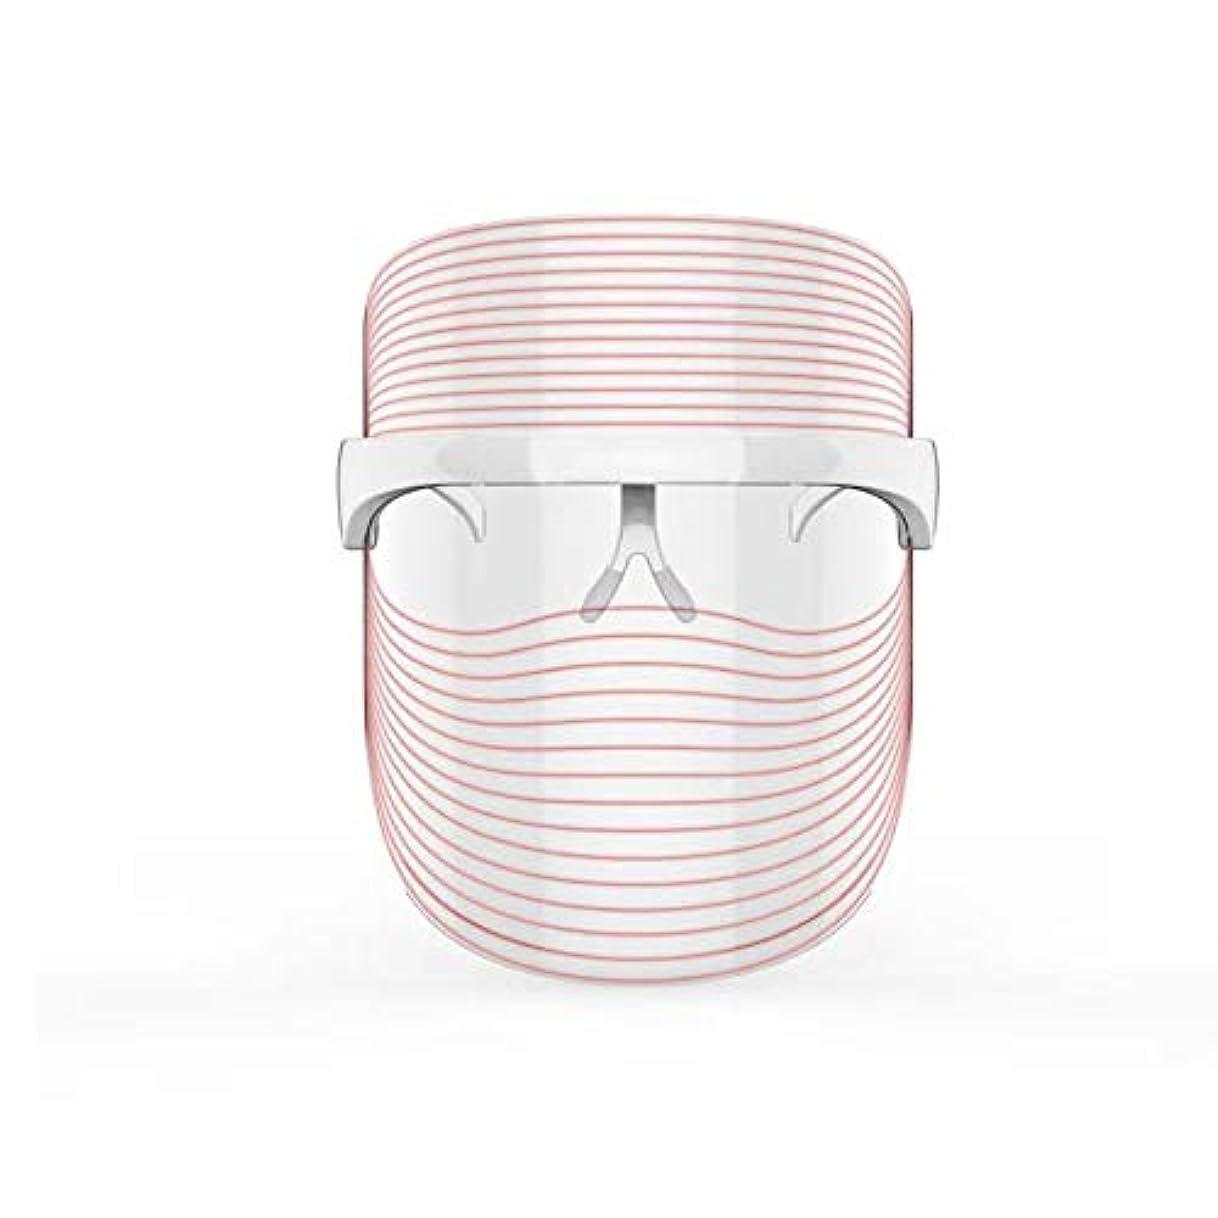 委任する代数的インキュバス3色LEDマスクフェイス&ネックネオン白熱LEDフェイスマスク電動フェイシャルスキンケアフェイススキンビューティー